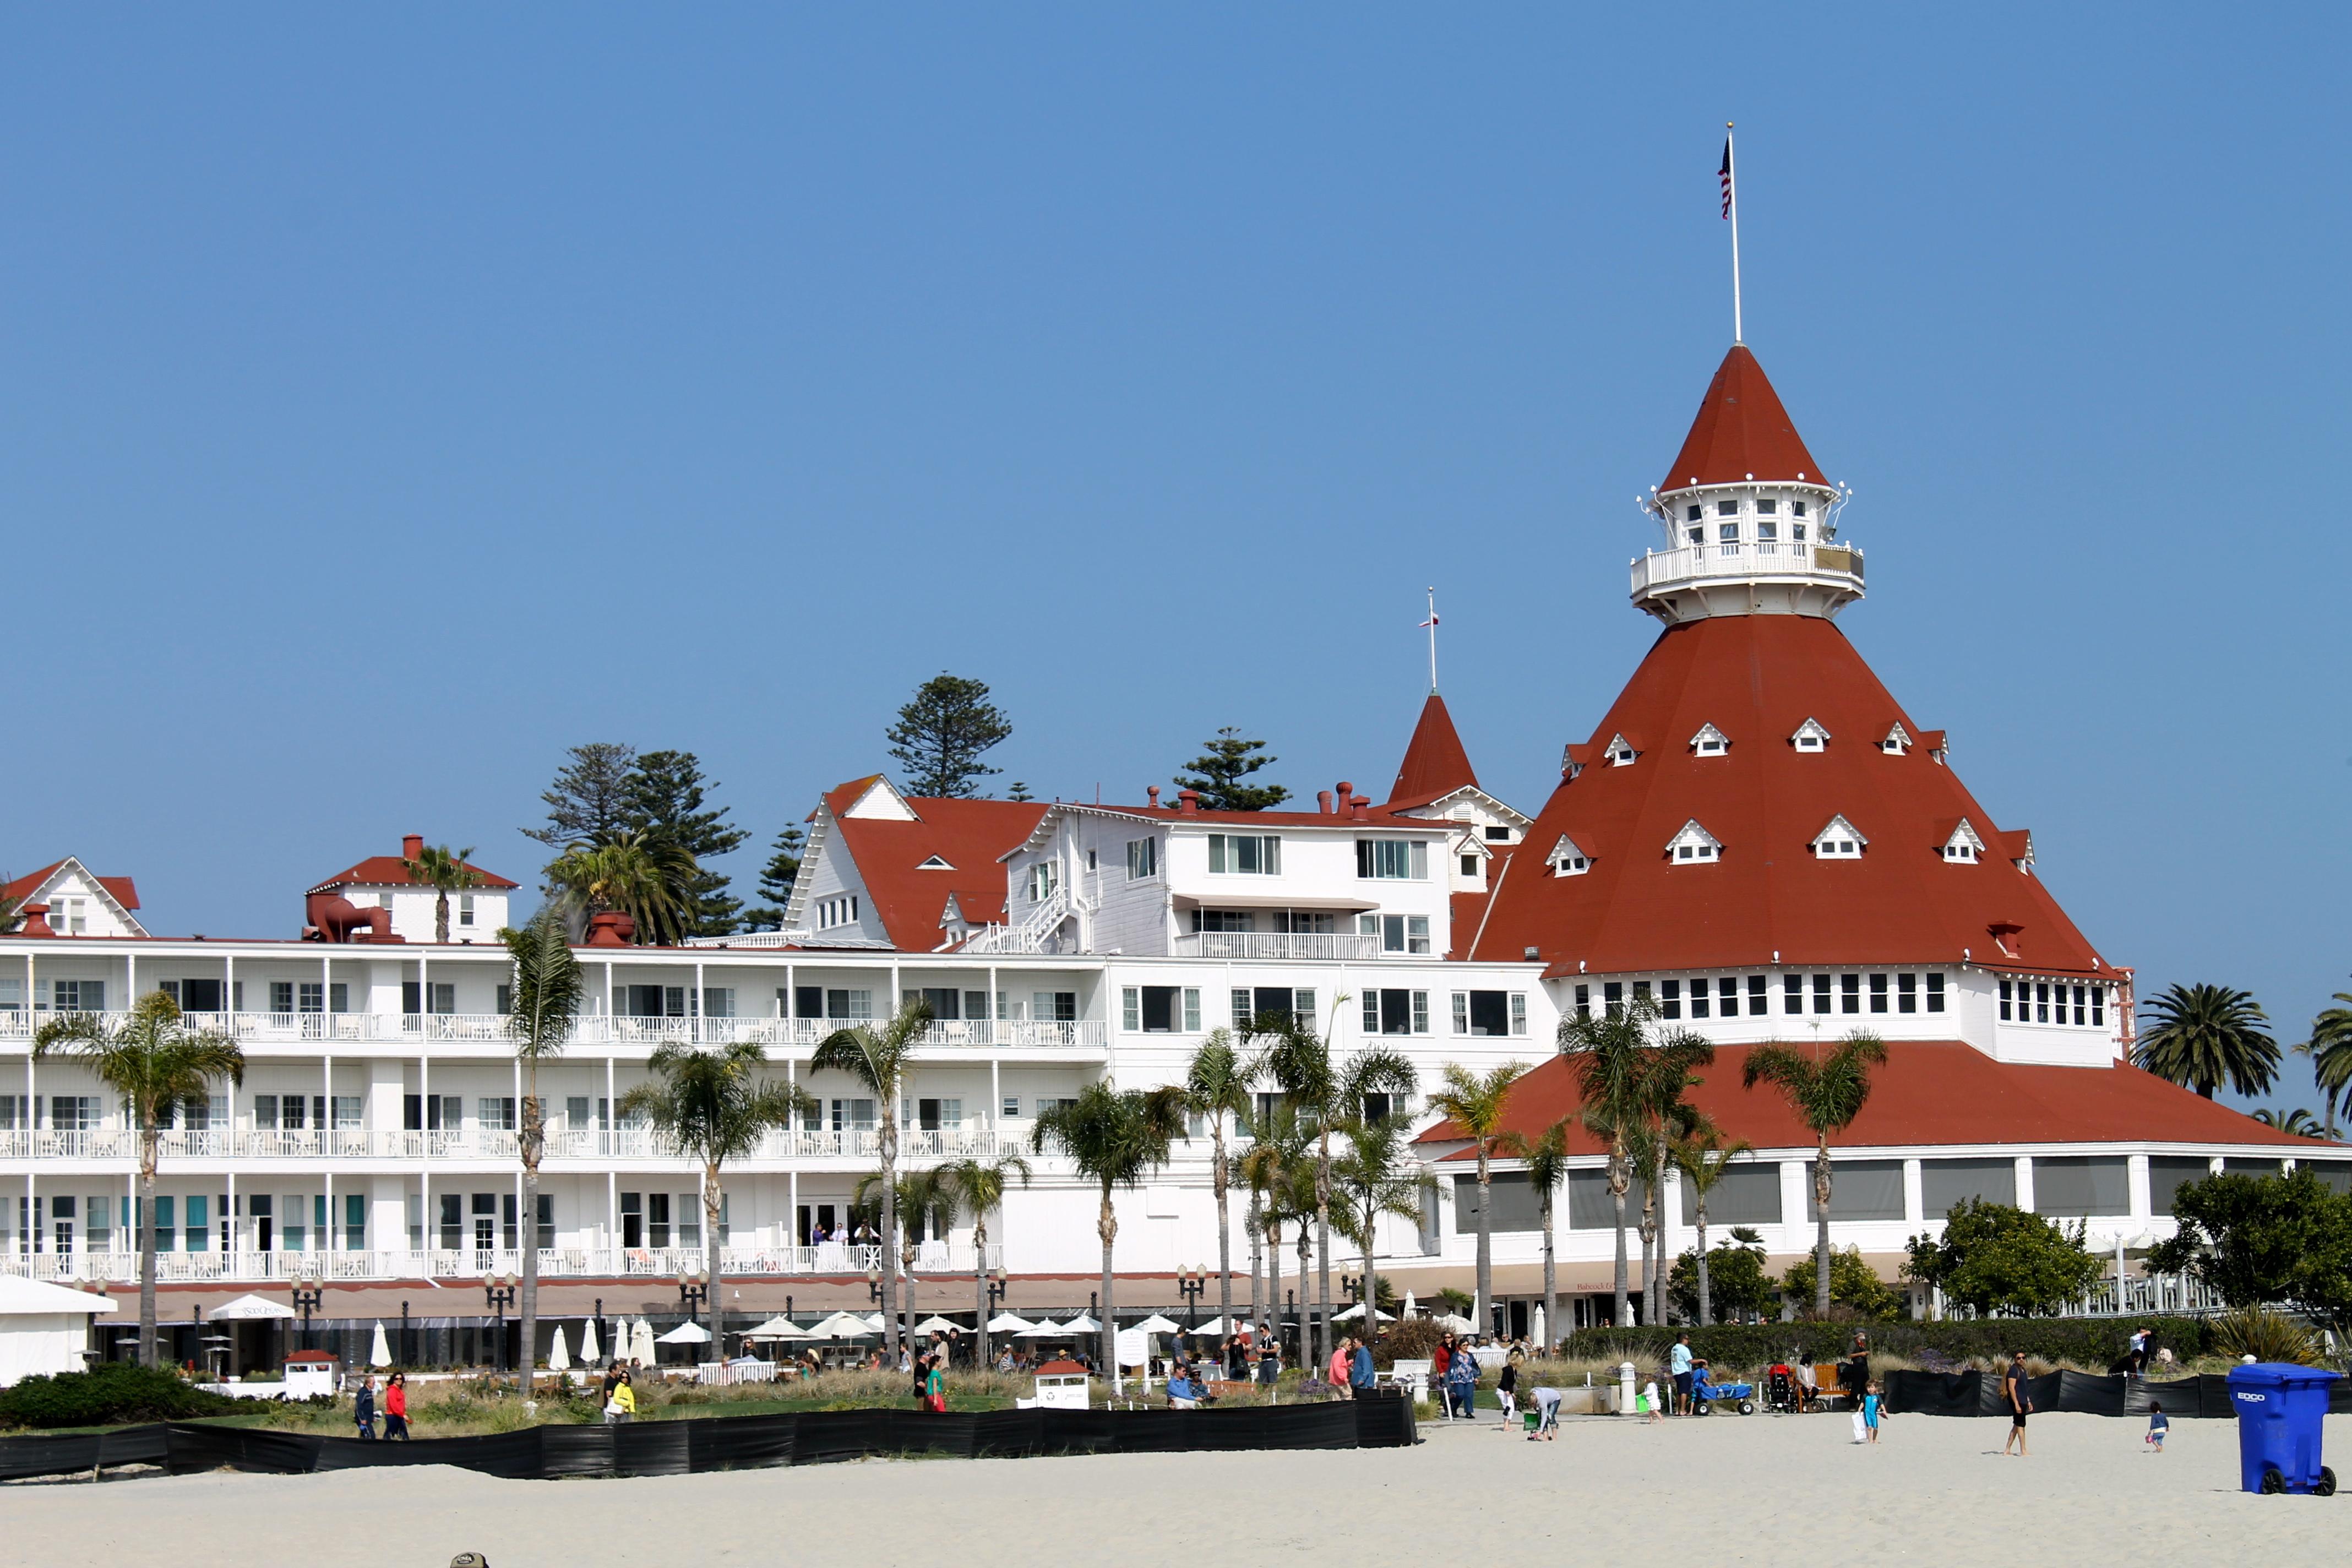 The Del Celebrates 130 Year Anniversary - Hotel del Coronado